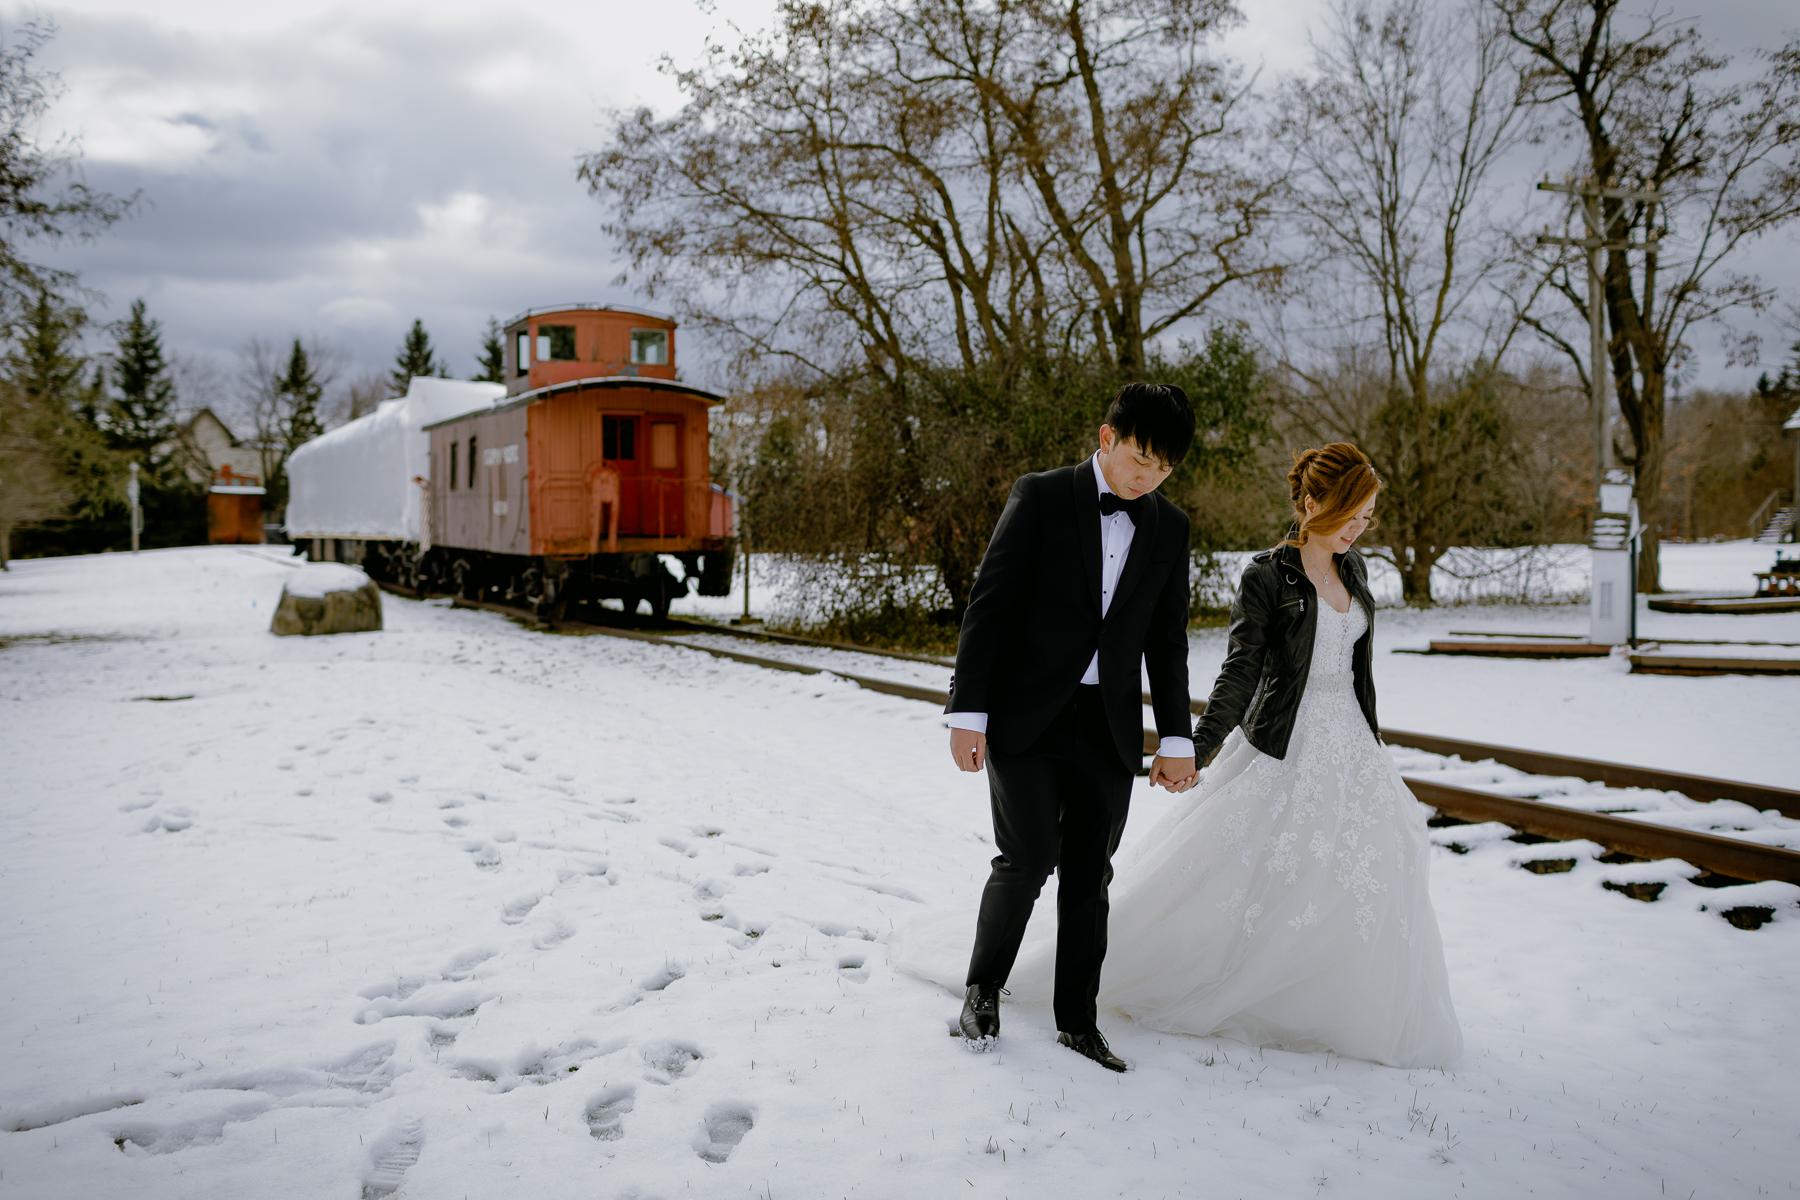 markham-wedding-photography-markham-museum-wedding 0027.jpg